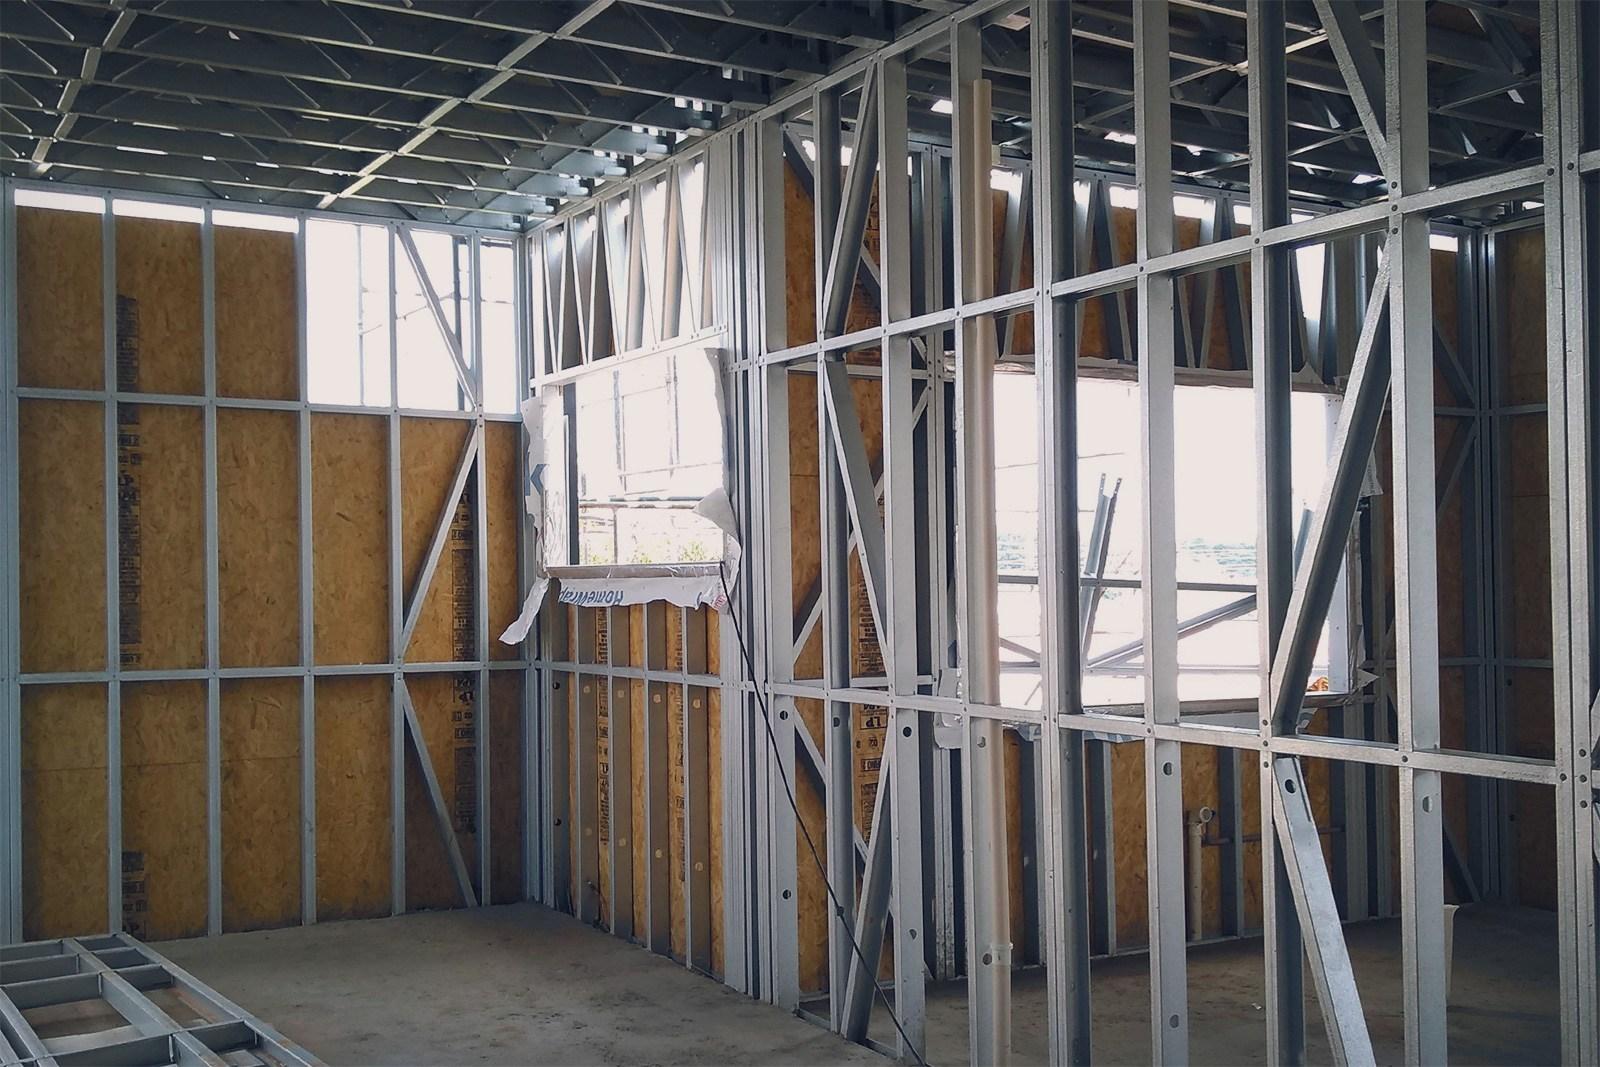 fechamento-revestimento-acabamento-vao-parede-framing-placa-osb-perfil-de-aco-perfil-engenheirado-construcao-seco-sistema-construtivo-light-steel-frame-tecnoframe-14